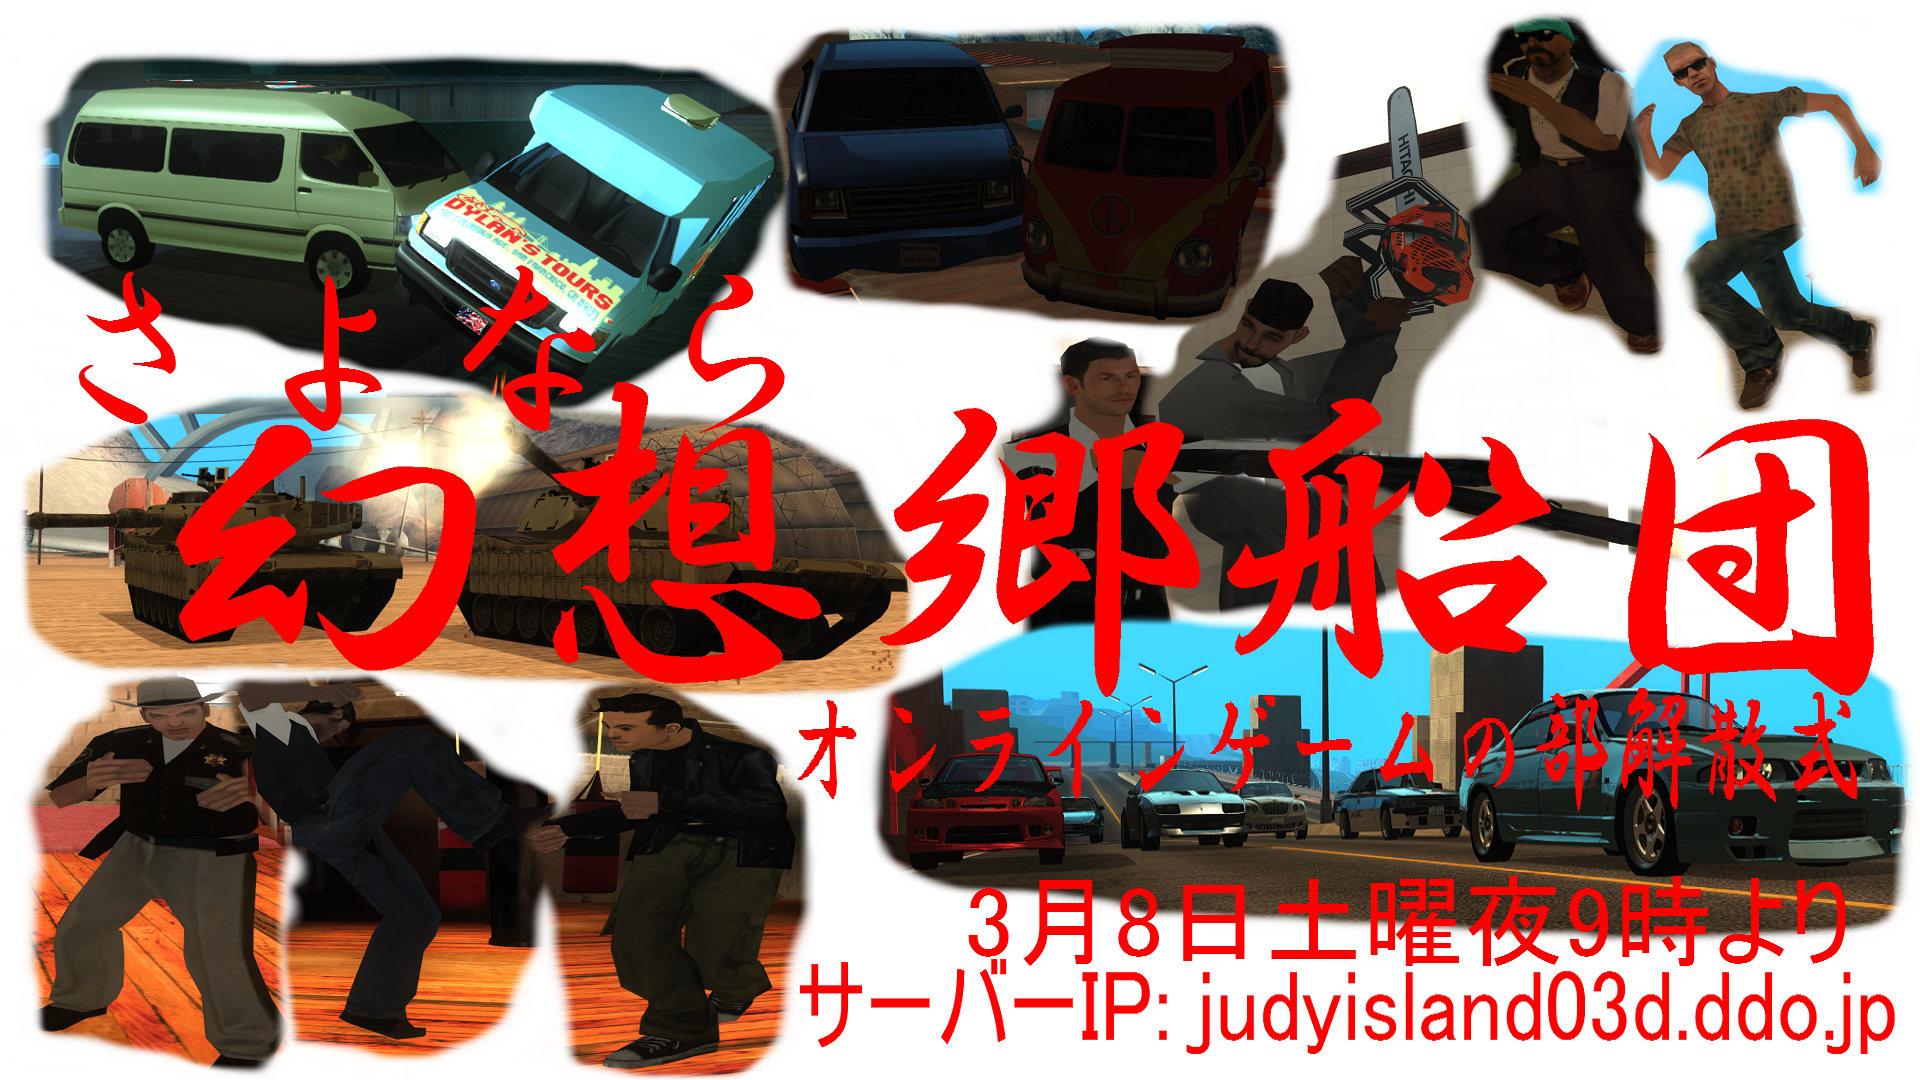 さよなら幻想郷船団オンラインゲームの部解散式イベント(ブログ用)